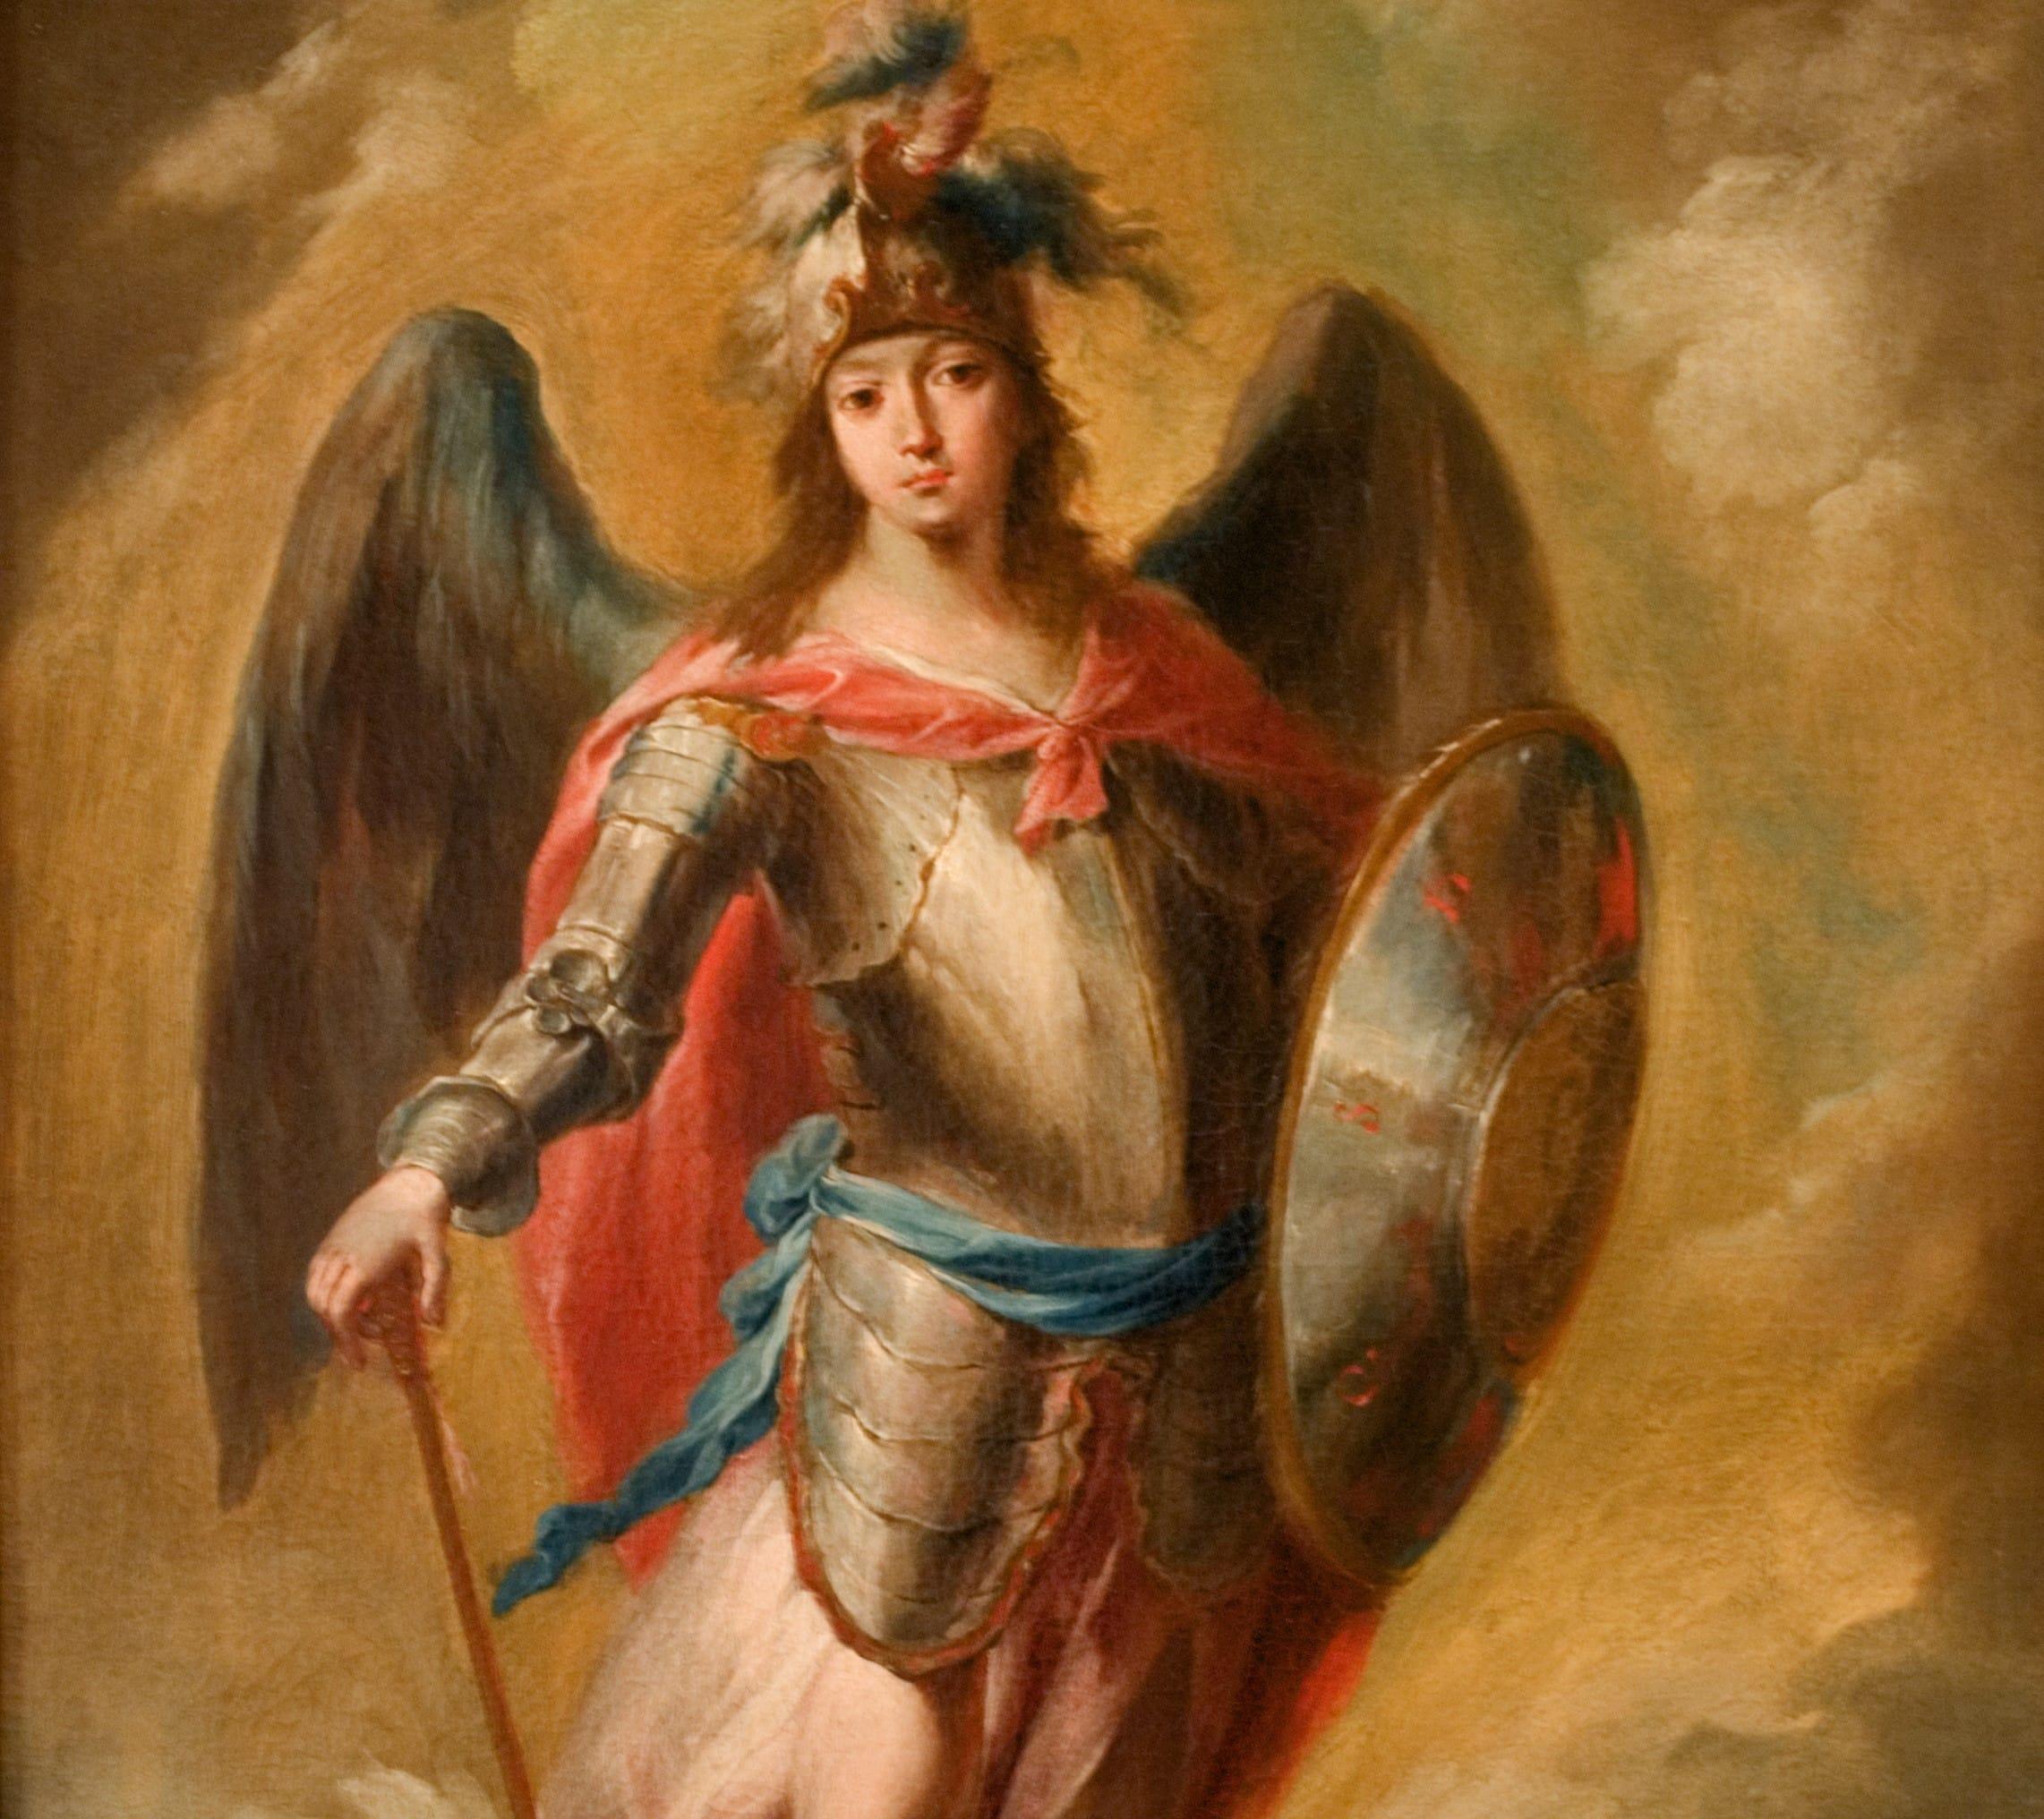 Pintura de São Miguel Arcanjo